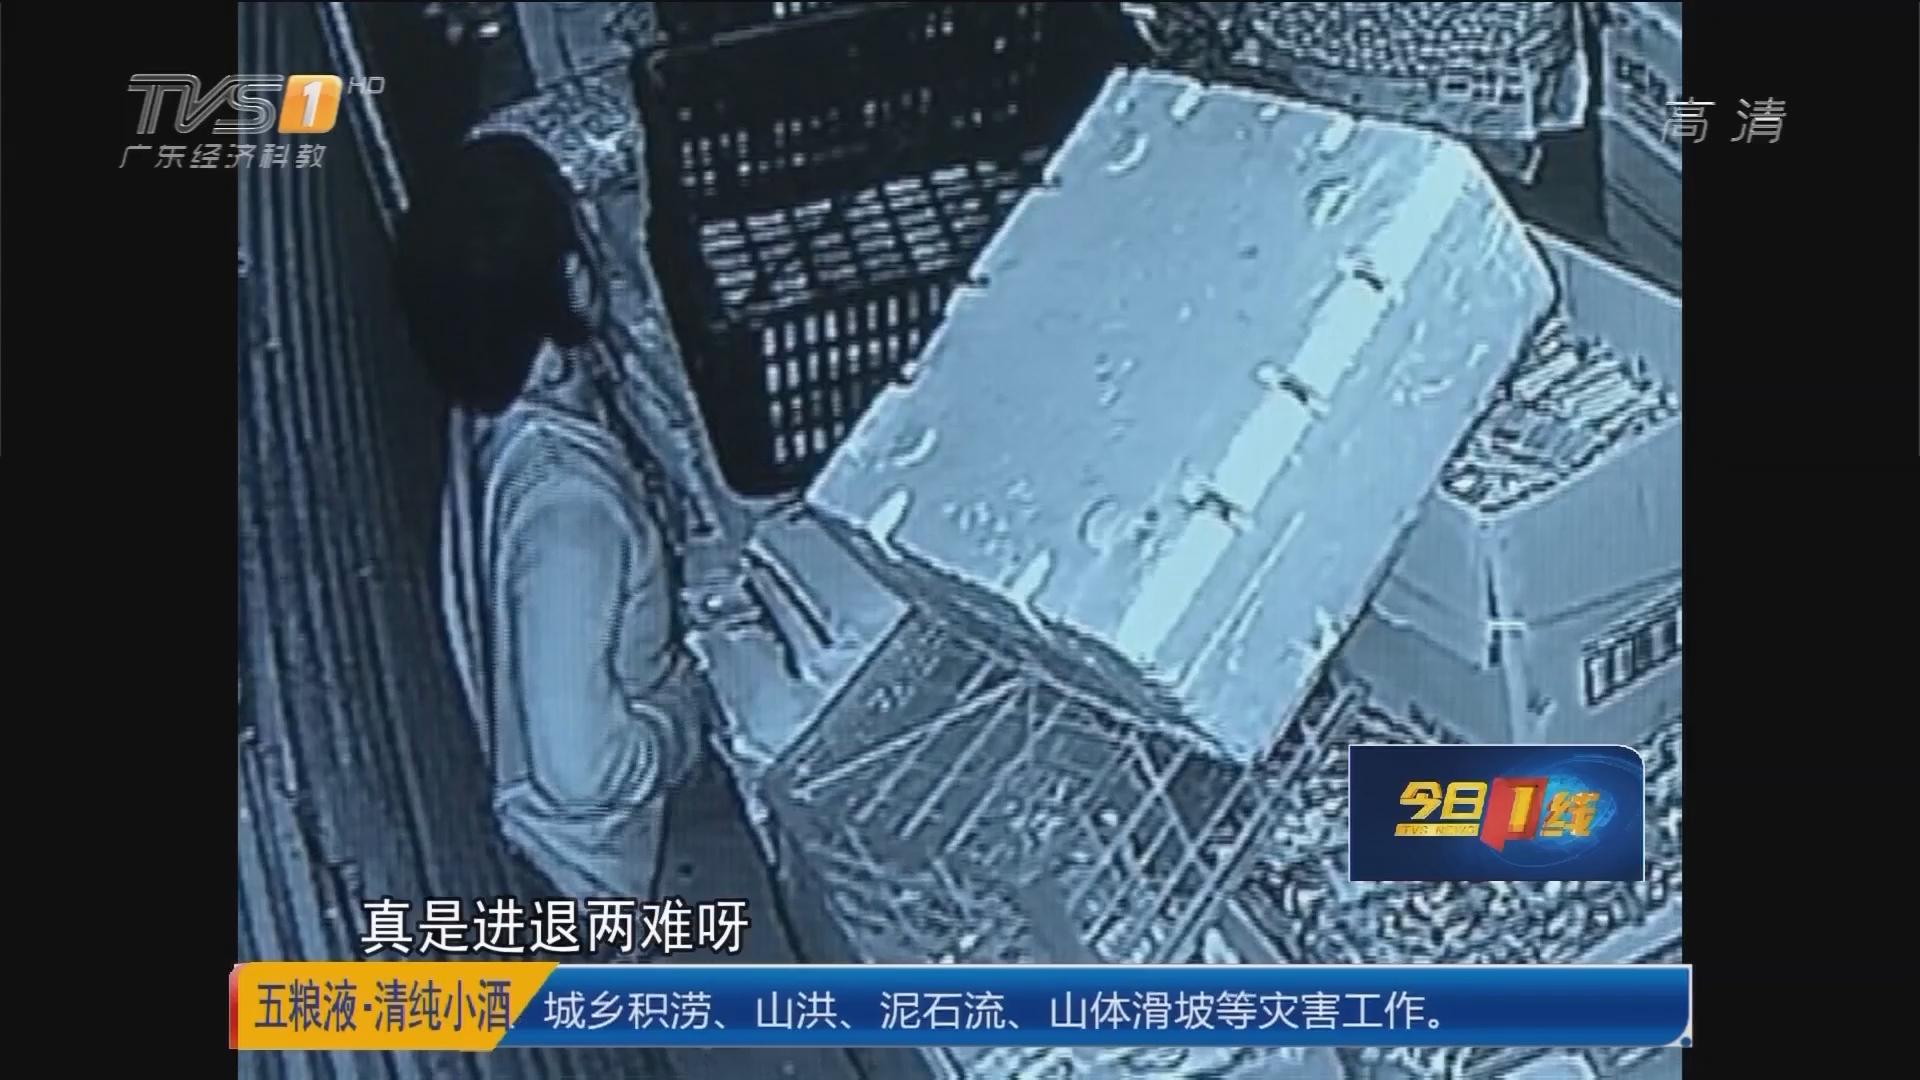 惠州惠城区:笨贼盗窃水果店 被卡卷闸门